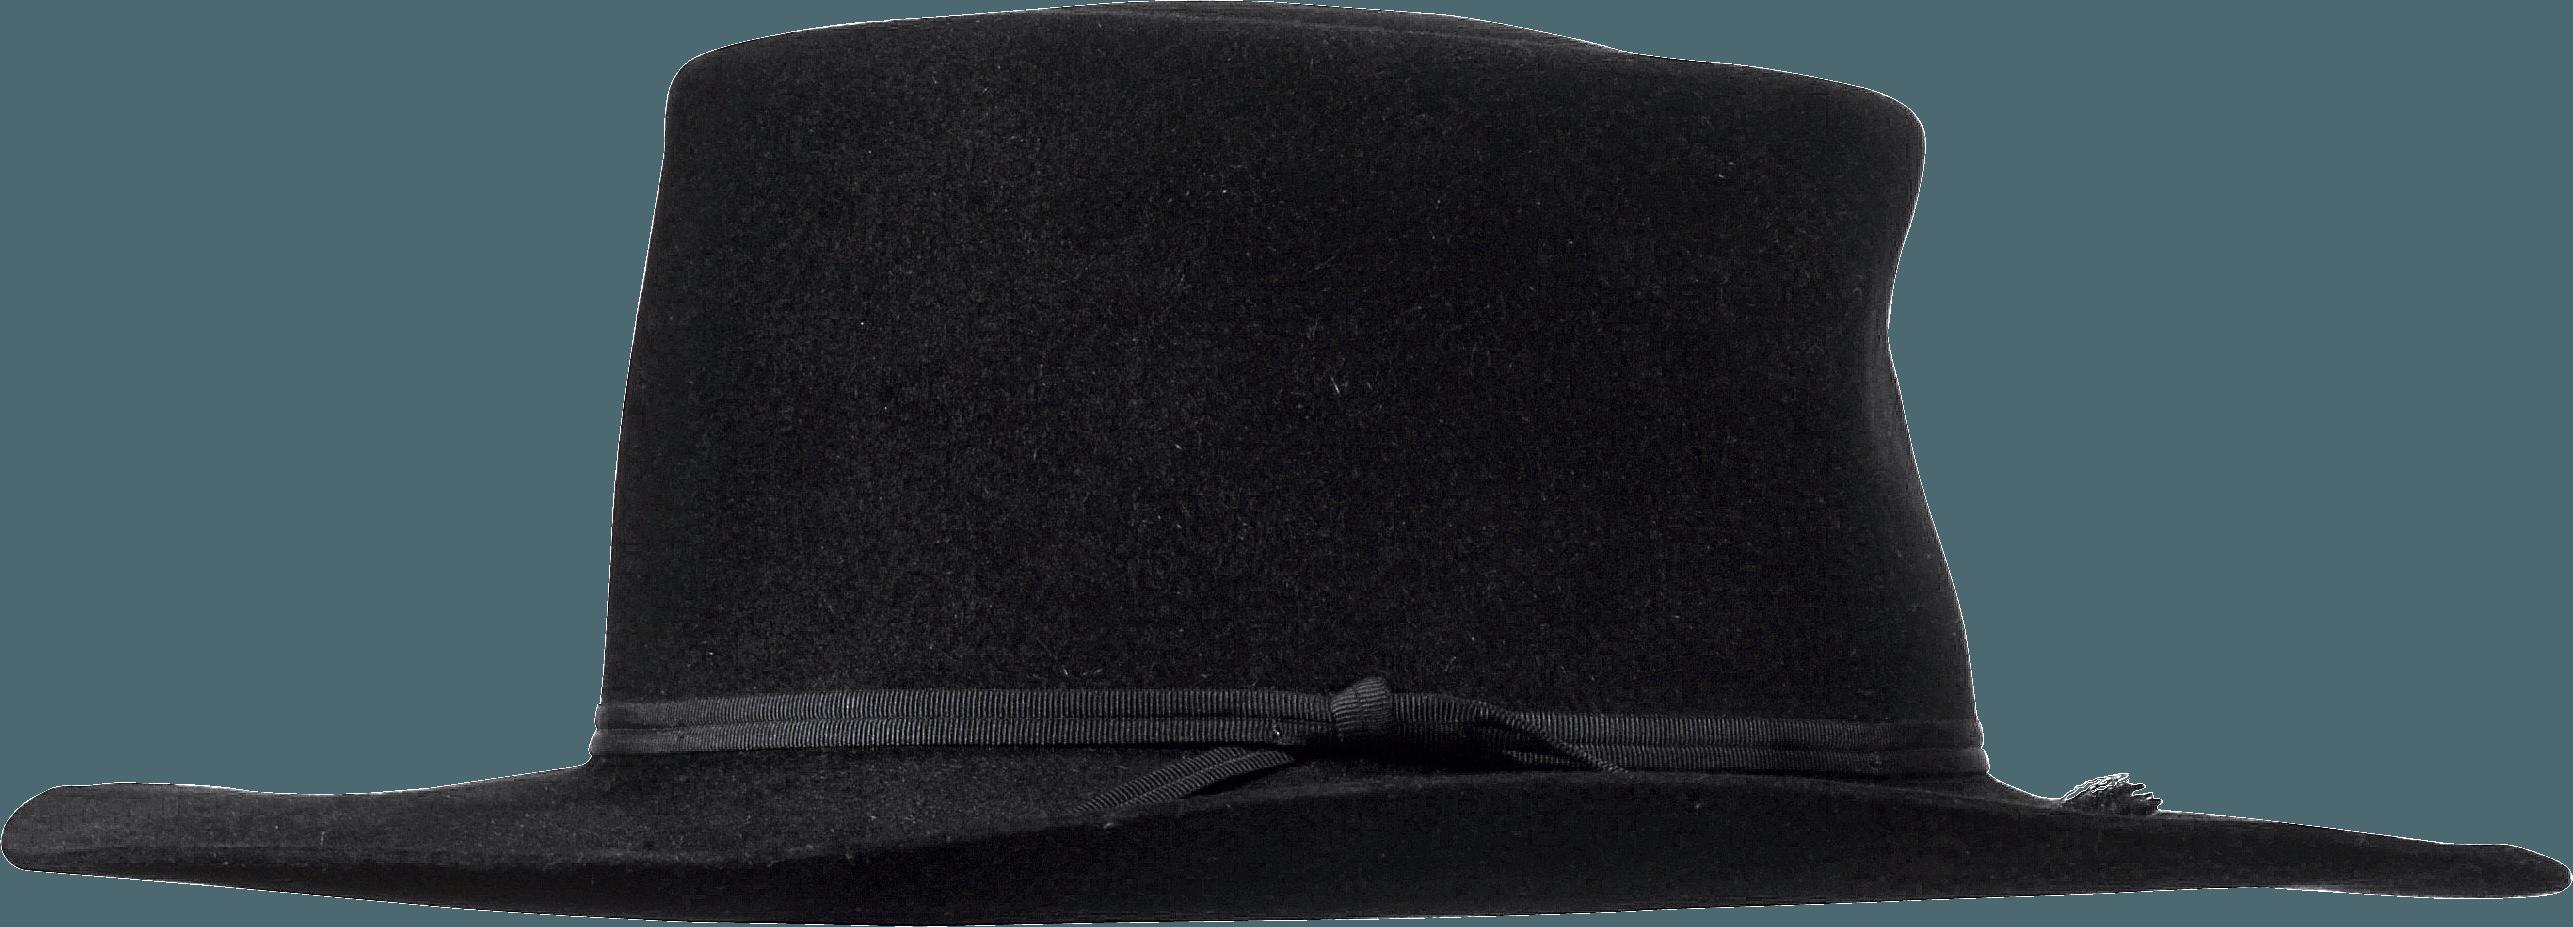 Hat Png Image Png Image Black Hat Light Background Images Png Images